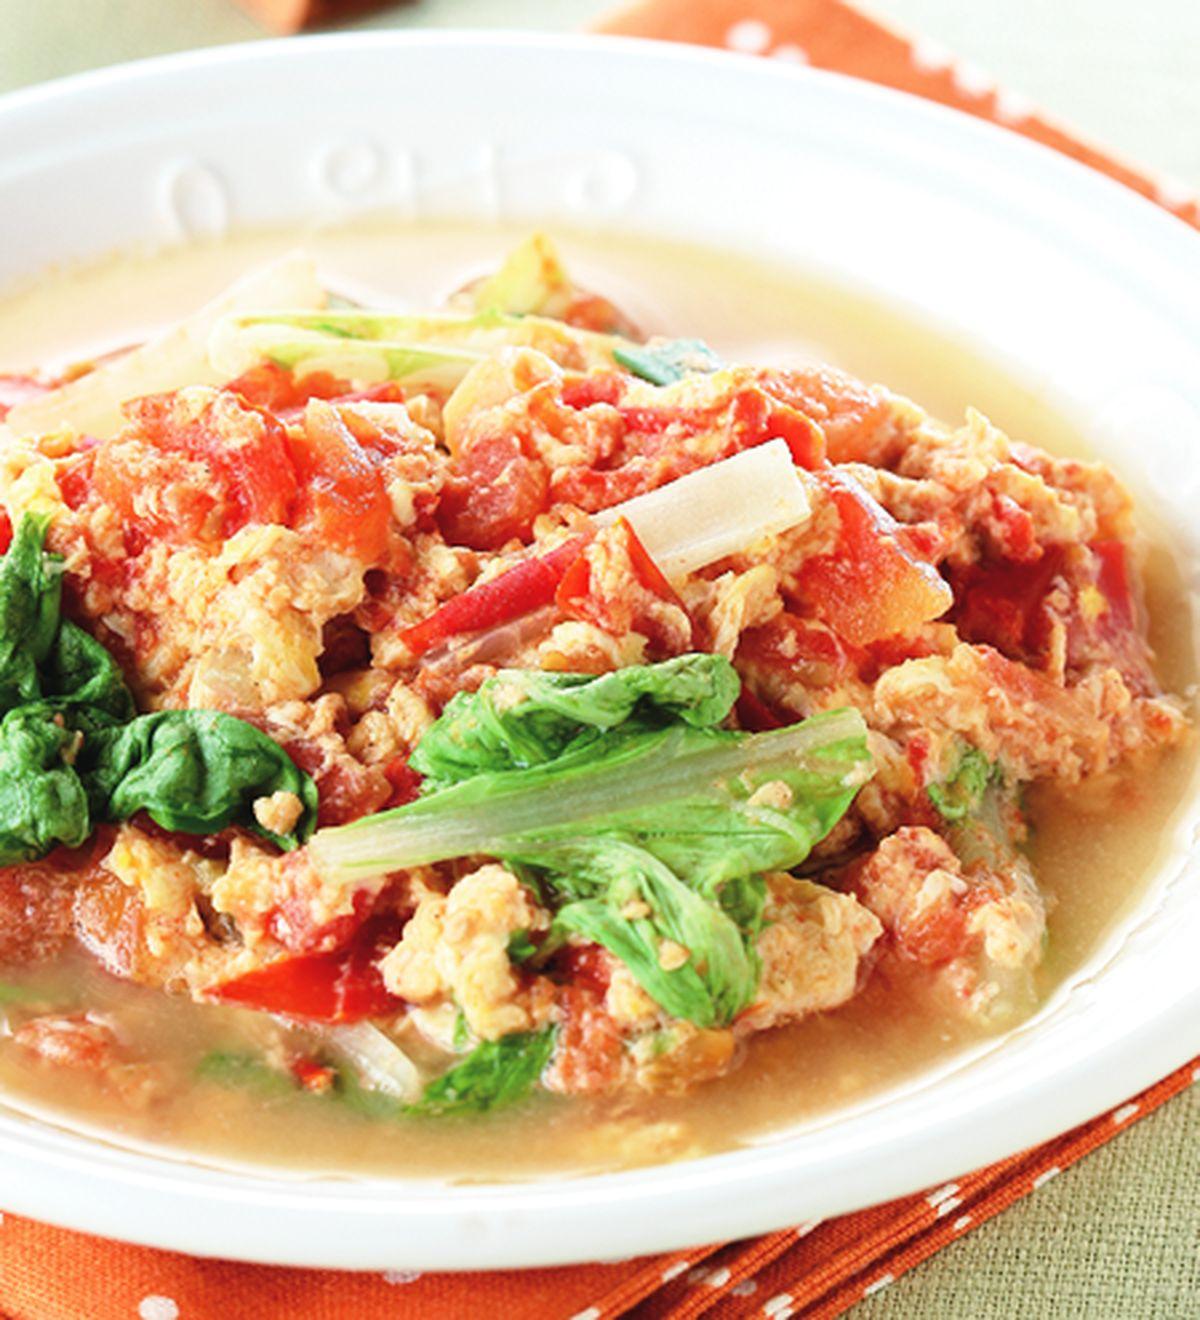 食譜:蕃茄雞絲炒蛋